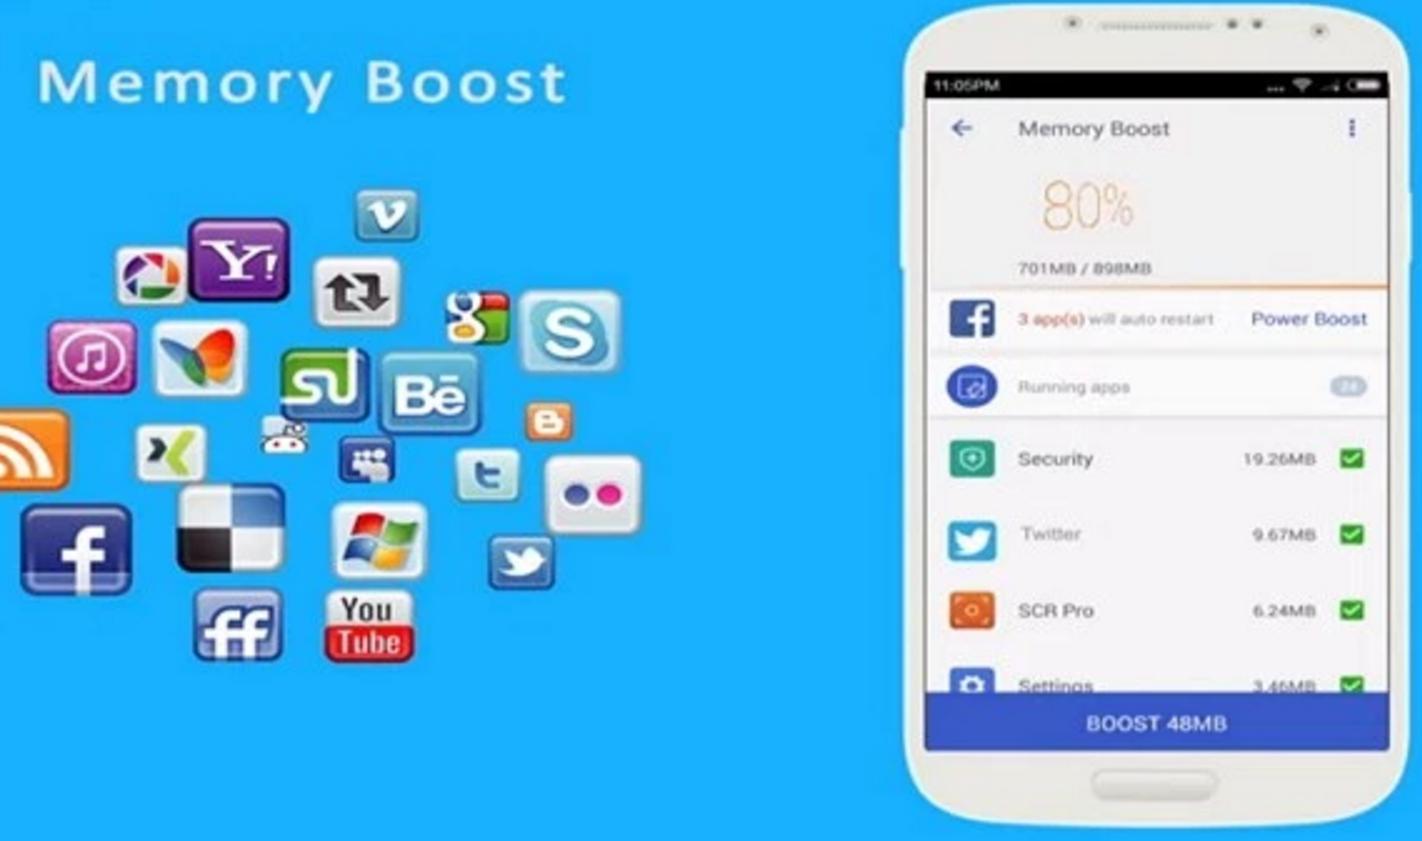 清除手機垃圾與記憶體的Android系統工具- Power Clean